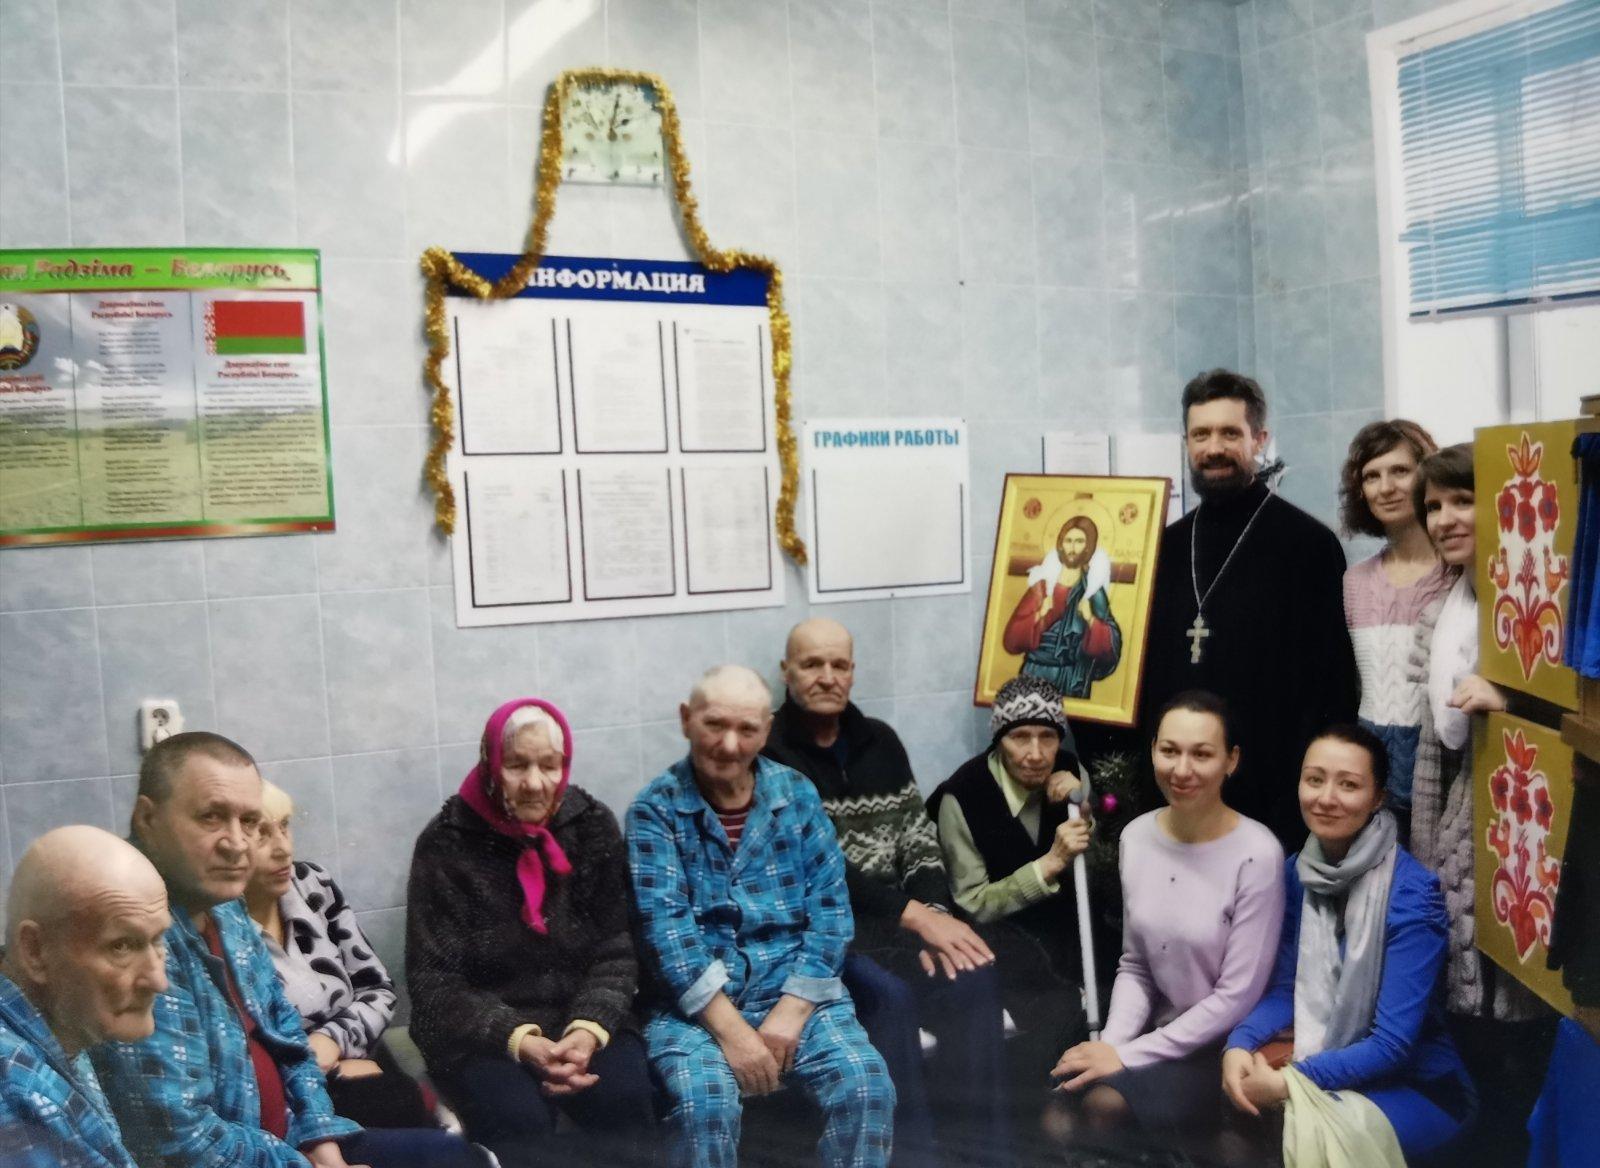 Посещение дома престарелых (архивное фото, январь 2020)